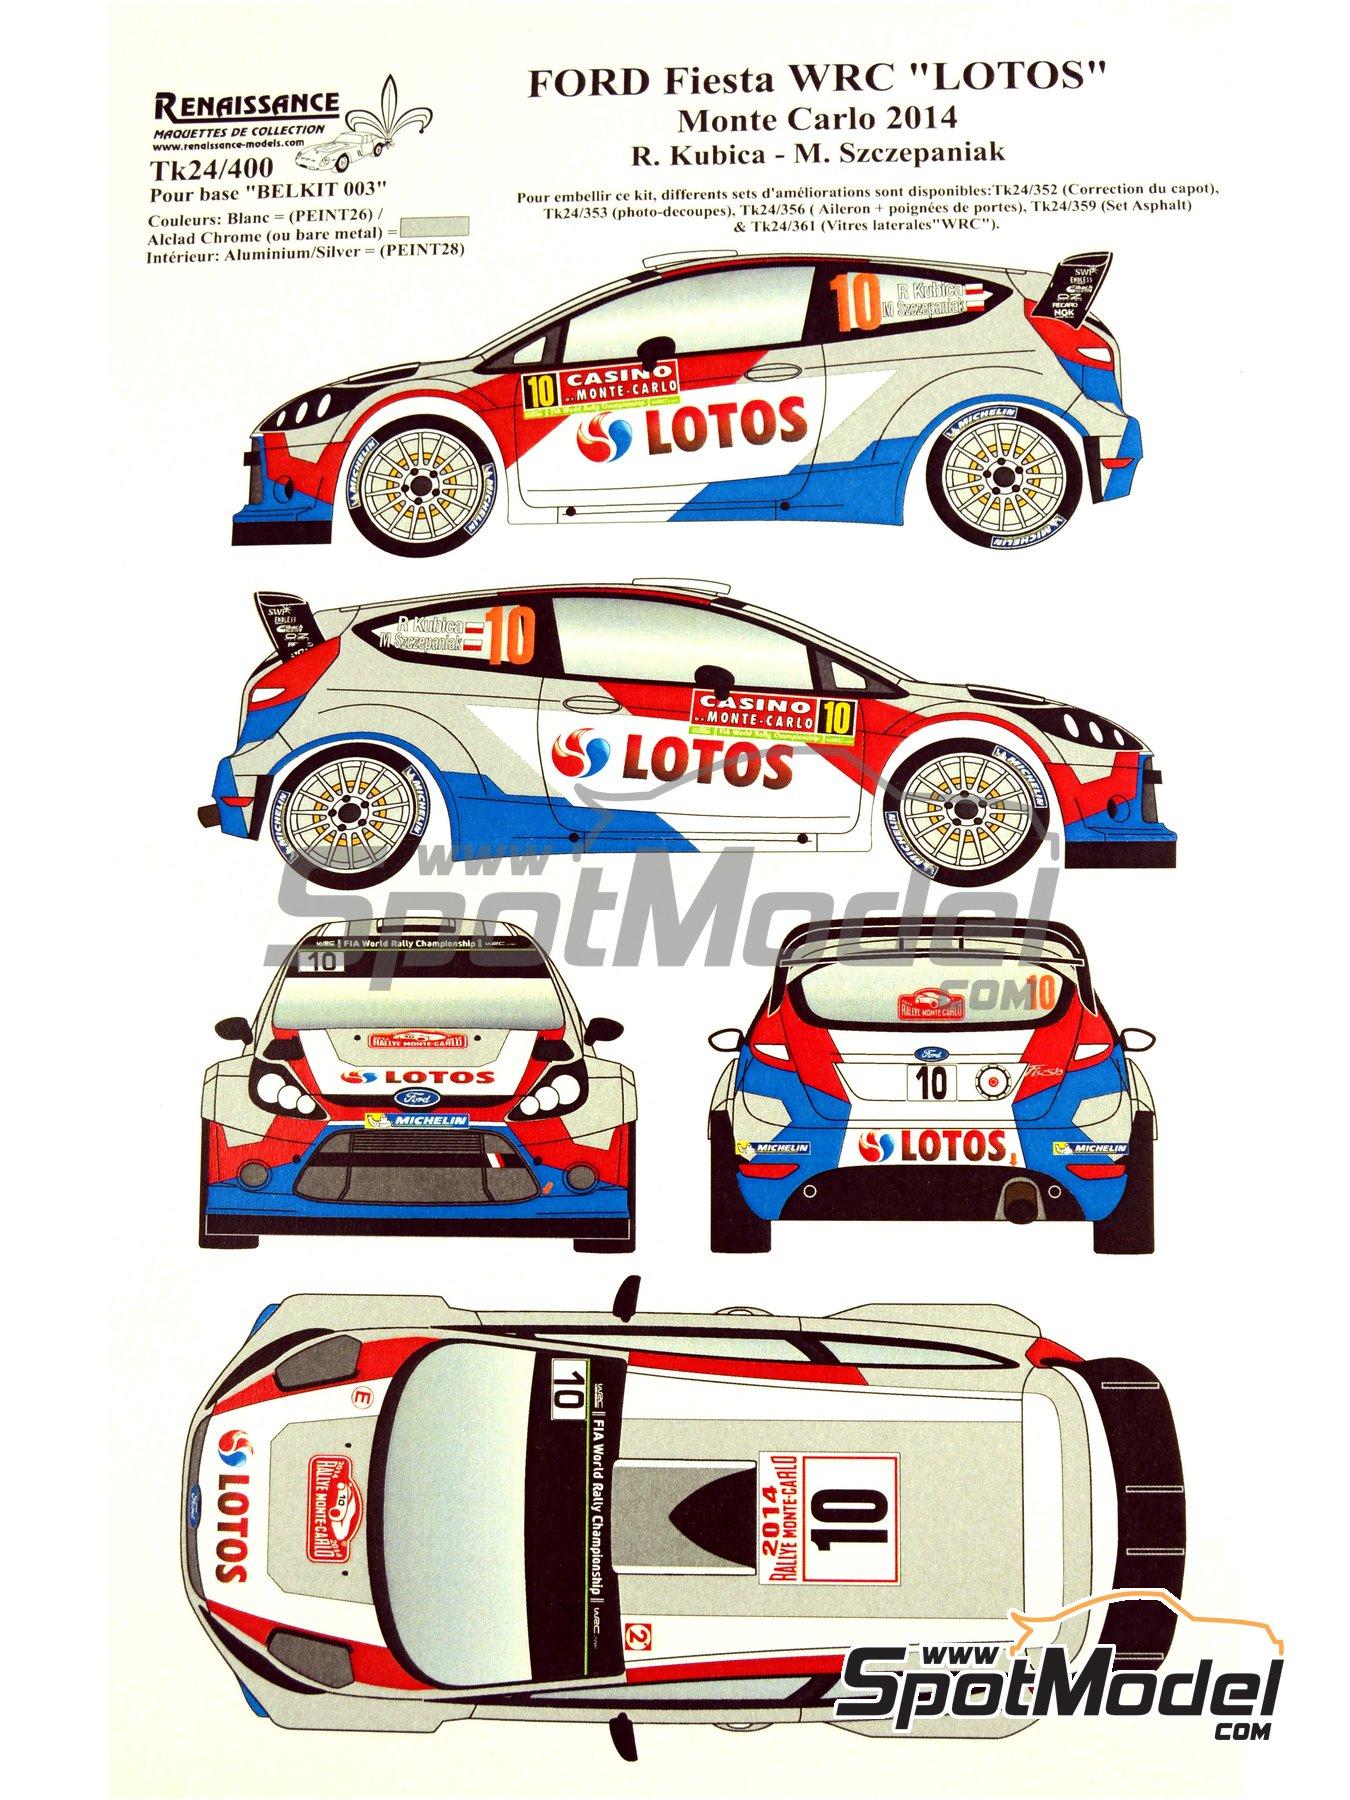 Ford Fiesta WRC Lotos - Rally de Montecarlo 2014 | Calcas de agua en escala1/24 fabricado por Renaissance Models (ref.TK24-400) image